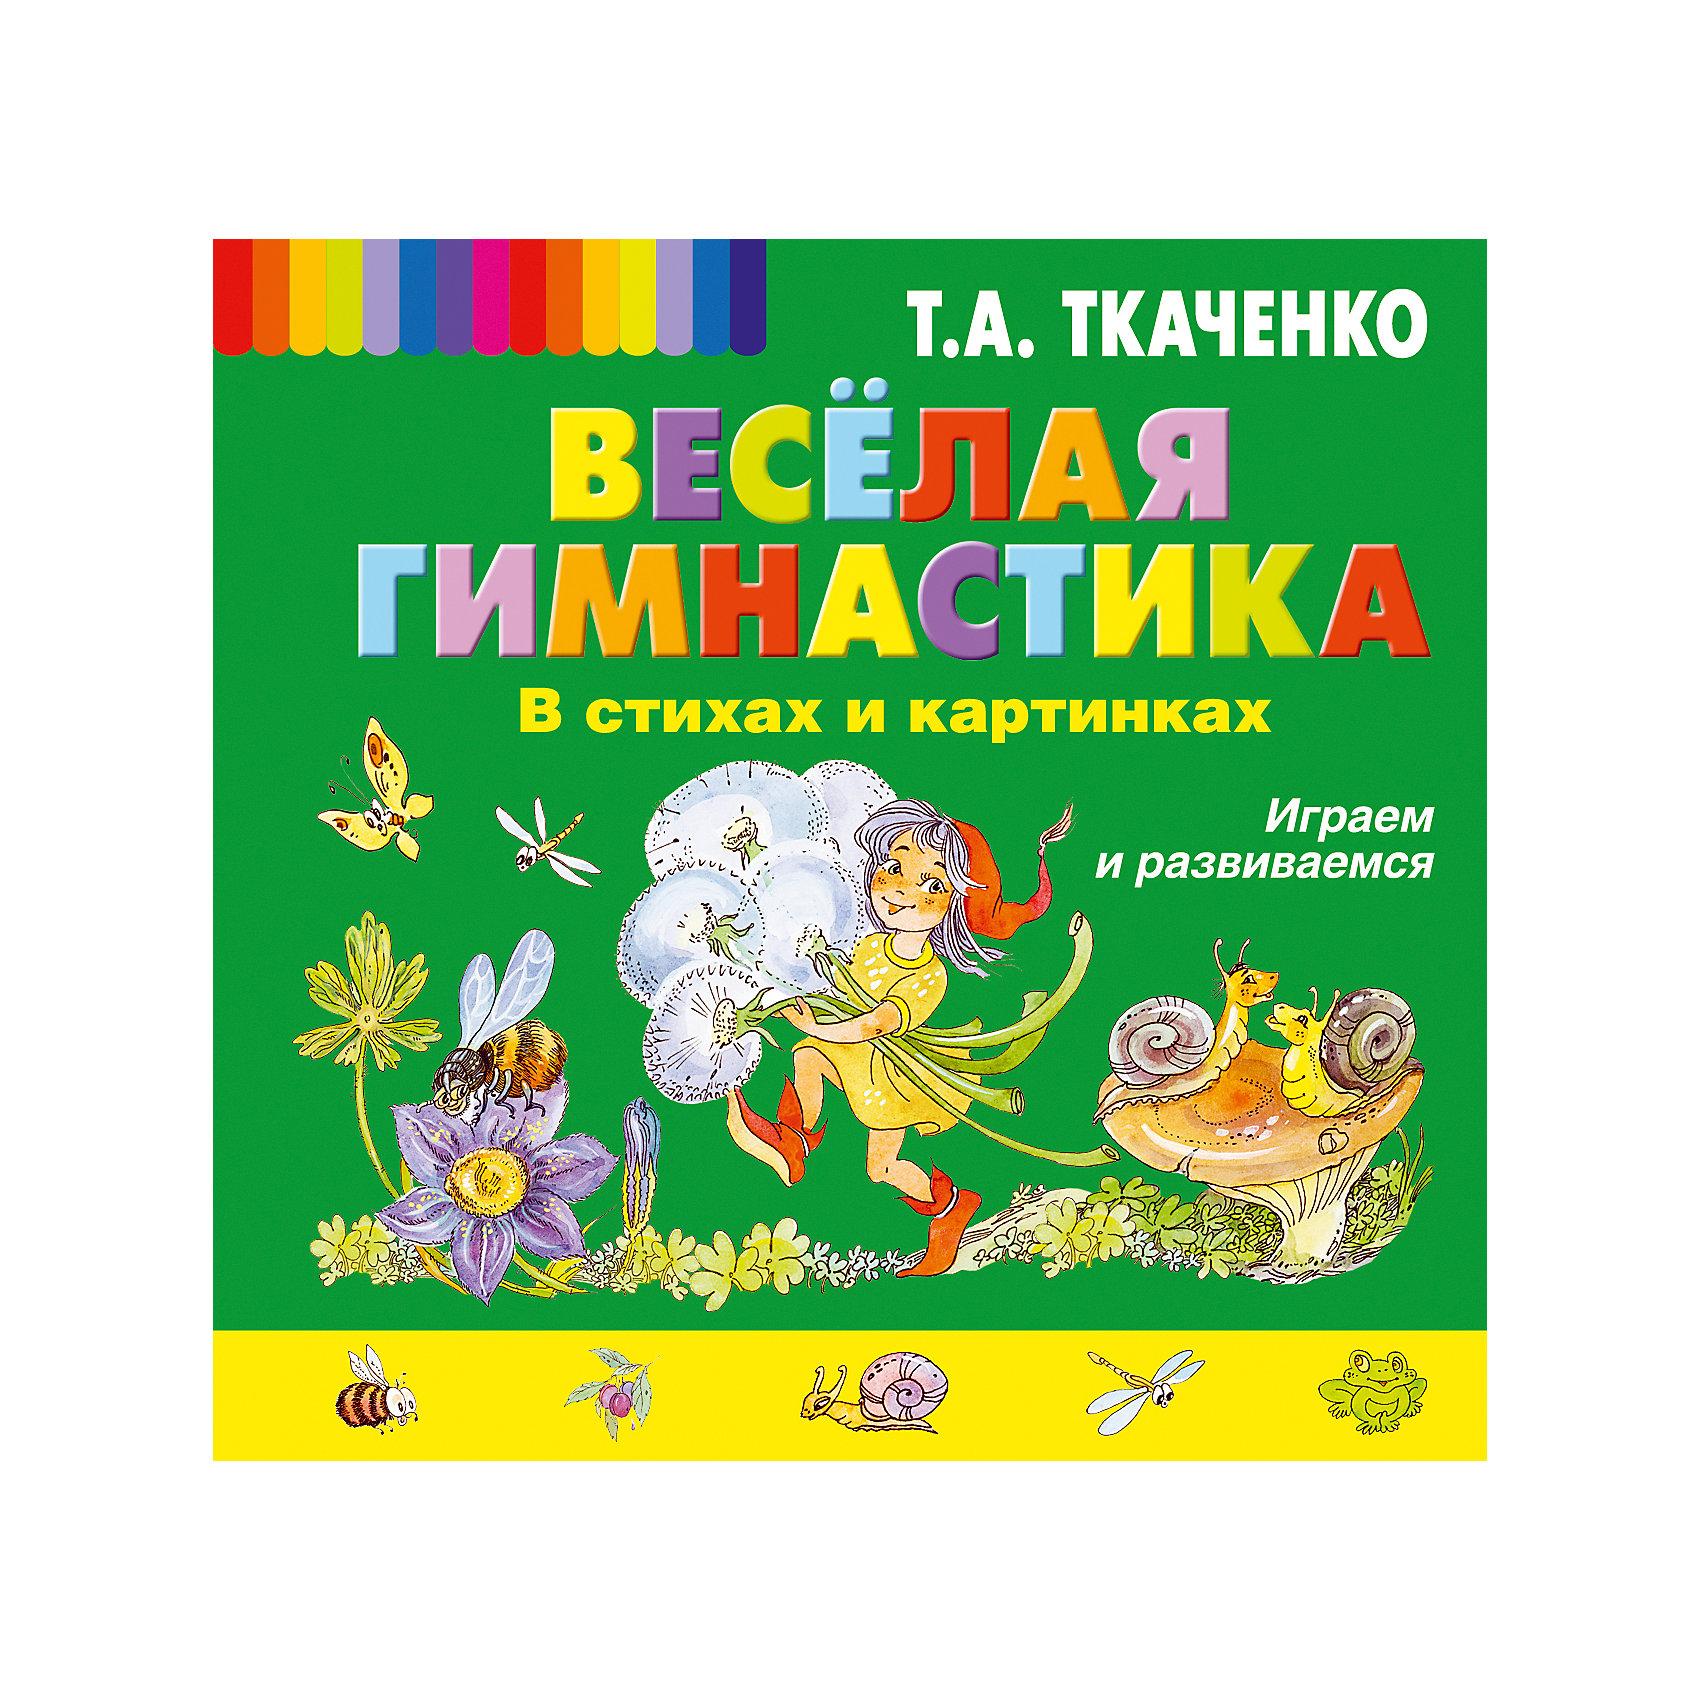 Веселая гимнастика в стихах и картинках, Т.А. ТкаченкоРазвивающие книги<br>Веселая гимнастика в стихах и картинках. Играем и развиваемся – истории в стихах, которые ребёнку предстоит изобразить с помощью движений.<br>Чтение стихотворений различной тематики (о птицах, цветах, фруктах, животных) и одновременное выполнение связанных с текстом движений вызывают у ребёнка живой интерес и помогают многоаспектному, эффективному развитию. Такие упражнения пополняют представления малыша об окружающем мире и его словарный запас, улучшают дикцию, фразовую и связную речь. Выразительные движения развивают ритмику, пластику, артистизм, моторную координацию. Для чтения взрослыми детям.<br><br>Дополнительная информация:<br><br>- Автор: Ткаченко Татьяна Александровна<br>- Художник: Ляхович Татьяна<br>- Издательство: Эксмо, 2014 г.<br>- Серия: Татьяна Ткаченко. Новые педагогические технологии<br>- Тип обложки: 7Бц - твердая, целлофанированная (или лакированная)<br>- Иллюстрации: цветные<br>- Количество страниц: 48 (офсет)<br>- Размер: 141x146x8 мм.<br>- Вес: 104 гр.<br><br>Книгу Веселая гимнастика в стихах и картинках. Играем и развиваемся можно купить в нашем интернет-магазине.<br><br>Ширина мм: 135<br>Глубина мм: 140<br>Высота мм: 5<br>Вес г: 112<br>Возраст от месяцев: 36<br>Возраст до месяцев: 72<br>Пол: Унисекс<br>Возраст: Детский<br>SKU: 4414813